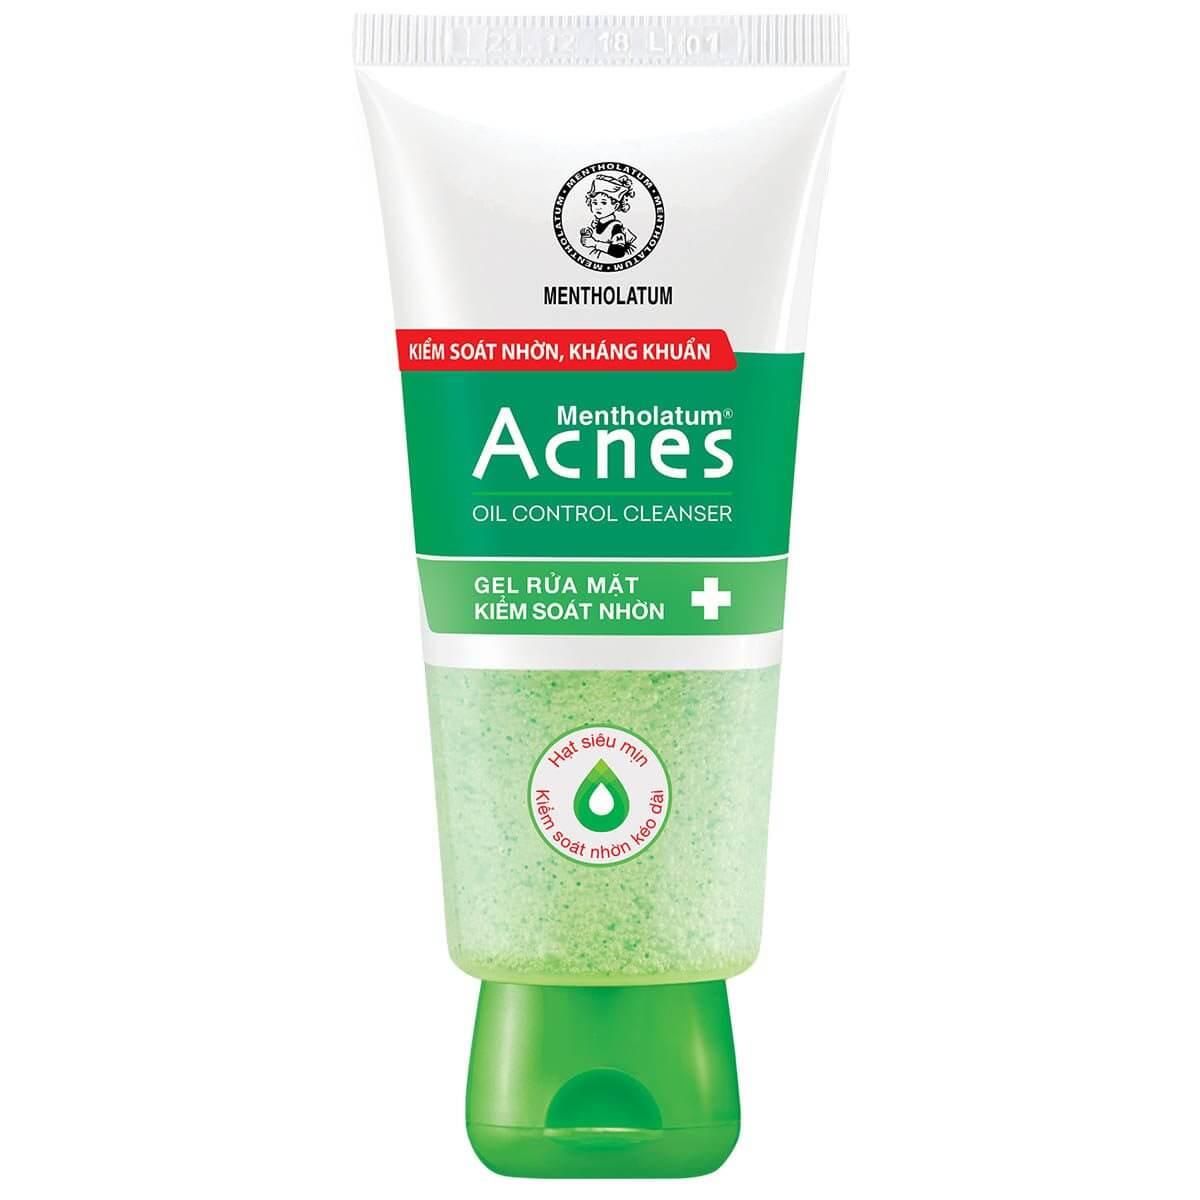 Acnes Oil Control Cleanser Gel rửa mặt kiểm soát nhờn với các hạt siêu mịn giúp kiểm soát nhờn hiệu quả và tẩy da chết nhẹ nhàng